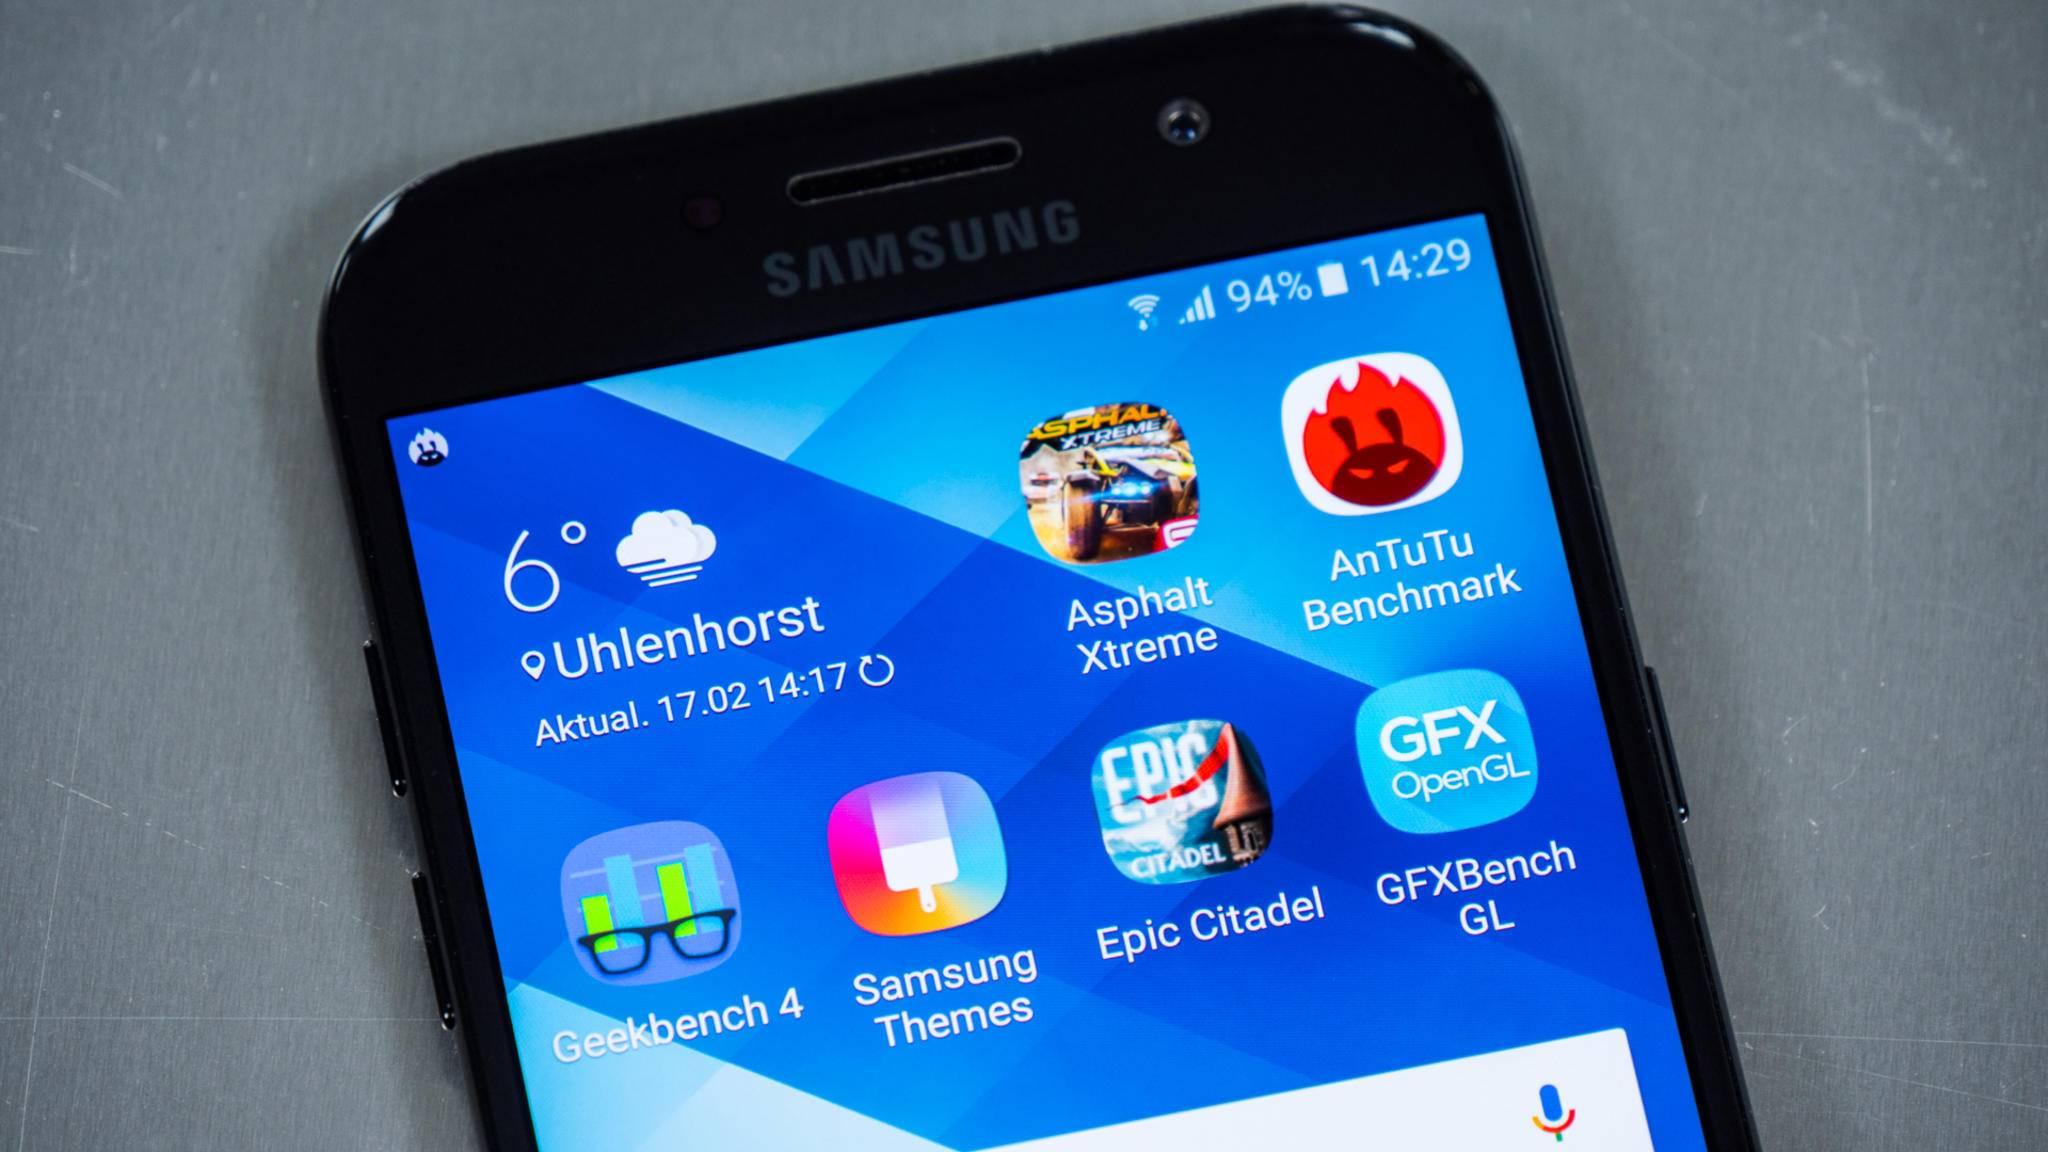 Das Galaxy A5 (2017) bietet laut Benchmarks in etwa dieselbe Leistung wie das Huawei Nova.